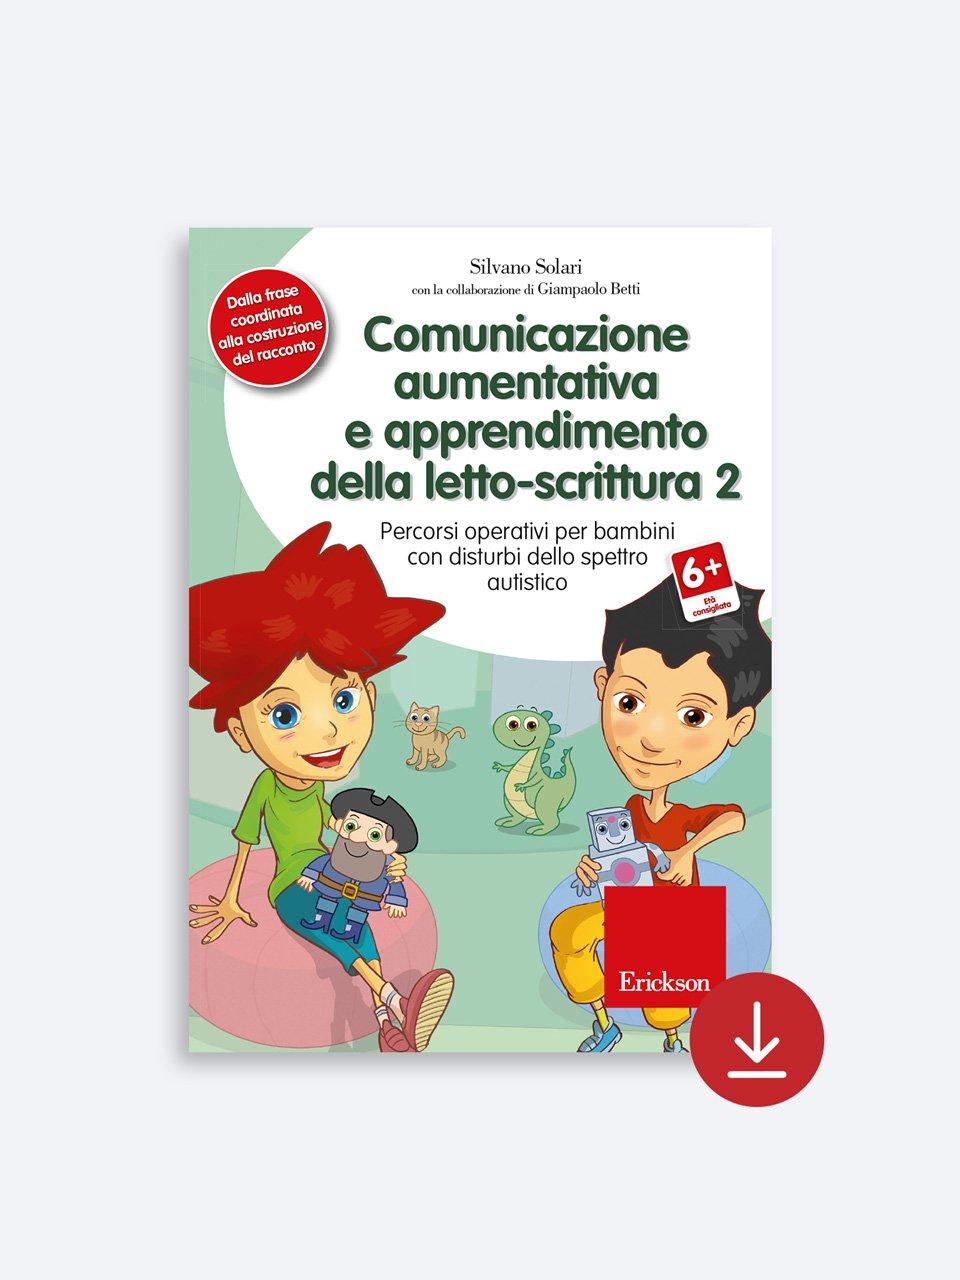 Comunicazione aumentativa e apprendimento della letto-scrittura 2 - Nostro figlio è autistico - Libri - Erickson 2